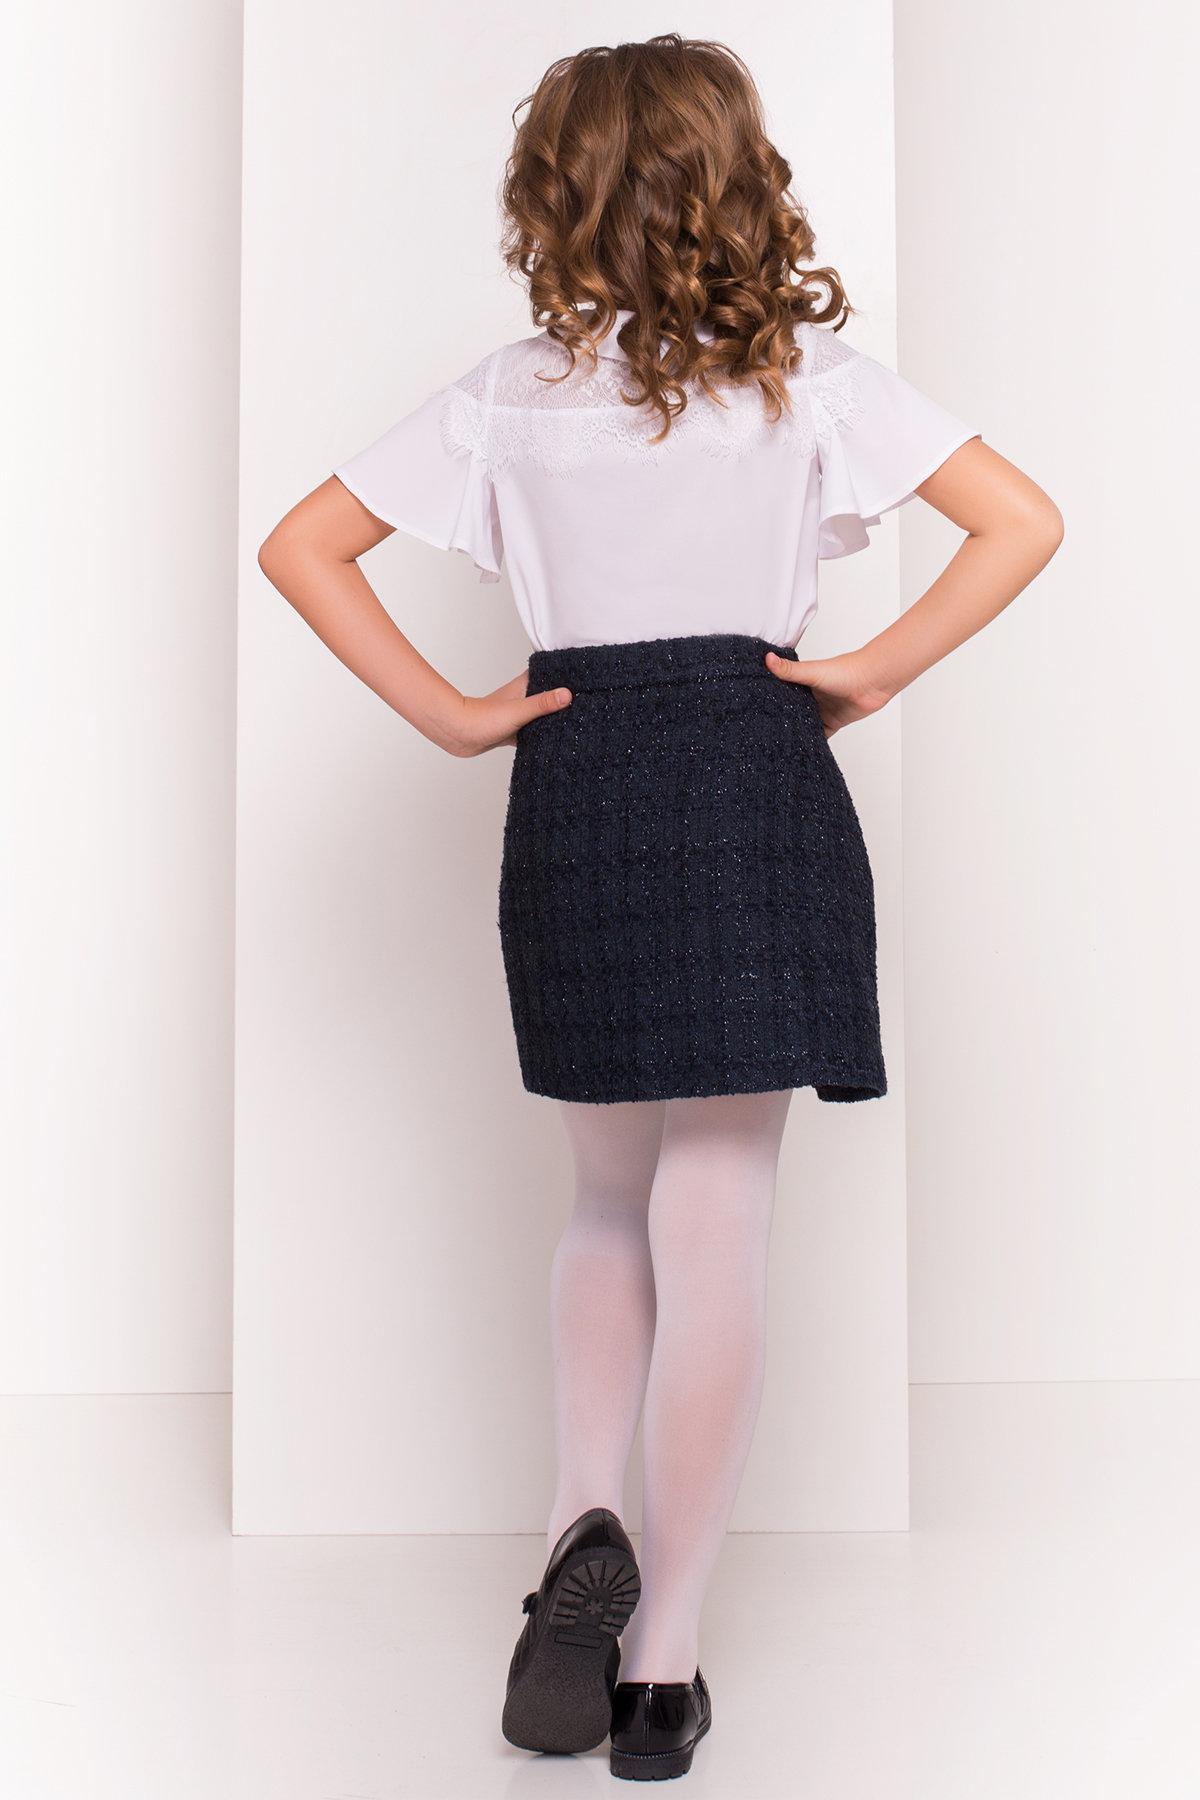 Блузка детская Ореанда 5193 АРТ. 36280 Цвет: Белый - фото 3, интернет магазин tm-modus.ru